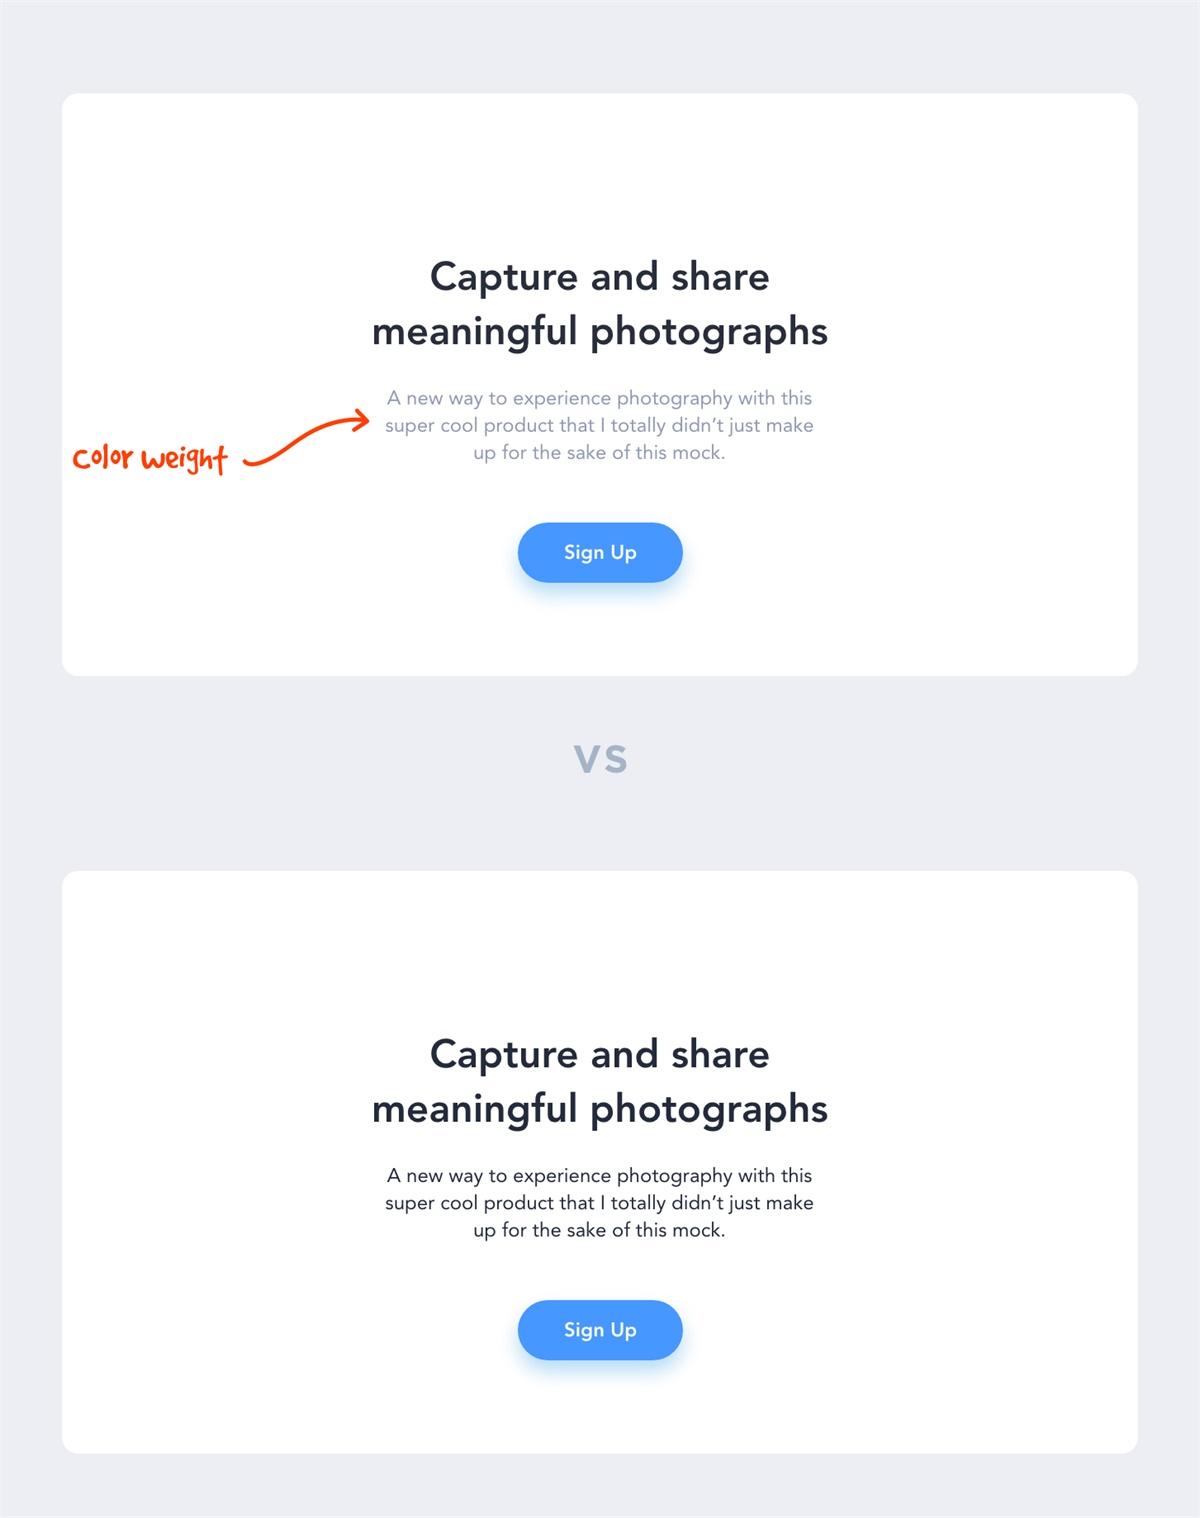 高手踩坑笔记:UI设计中的10条经验法则